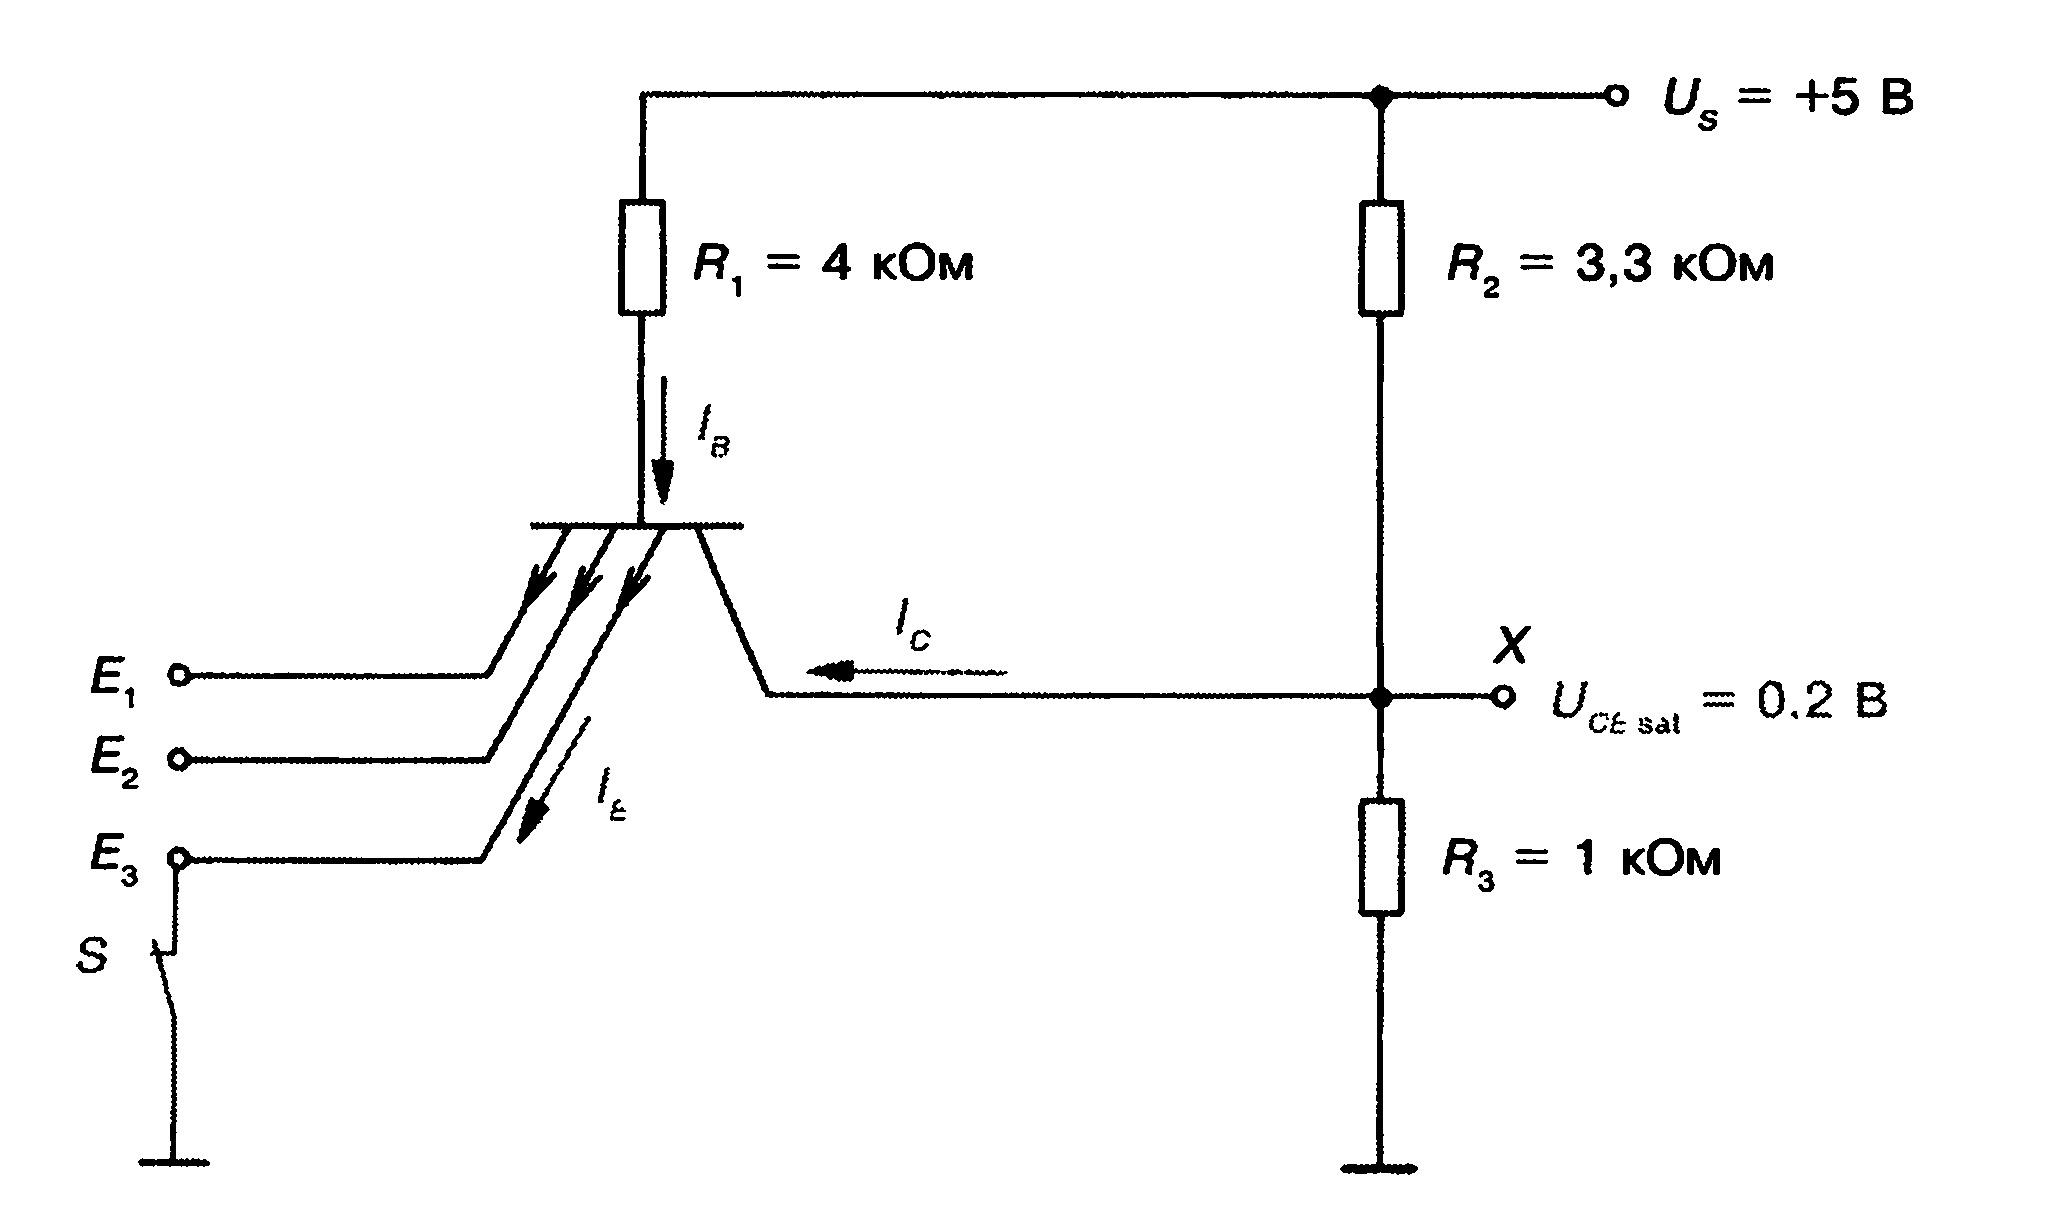 схема транзисторная-логическая